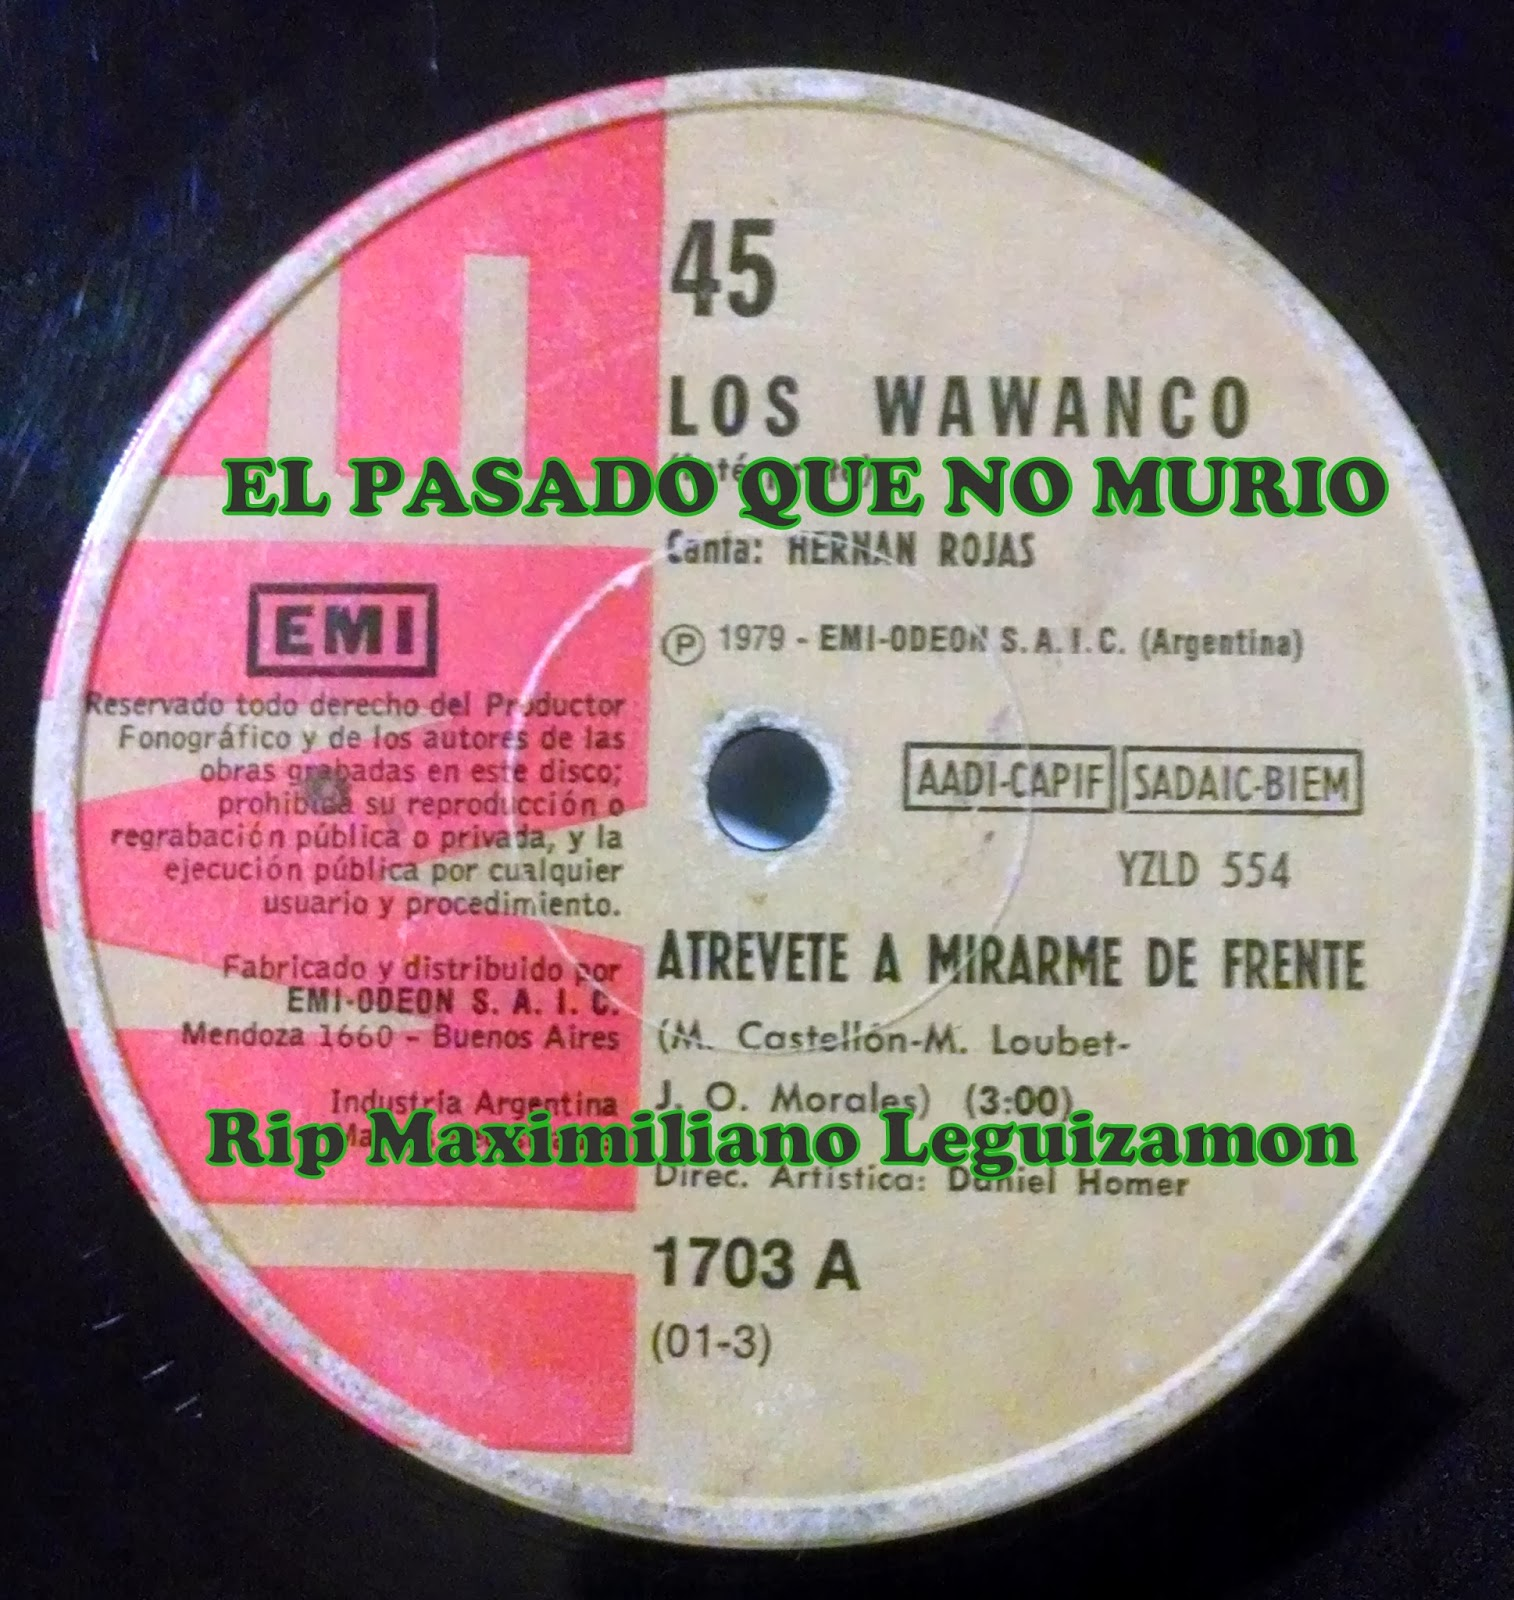 El Pasado Que No Muri Los Wawanco